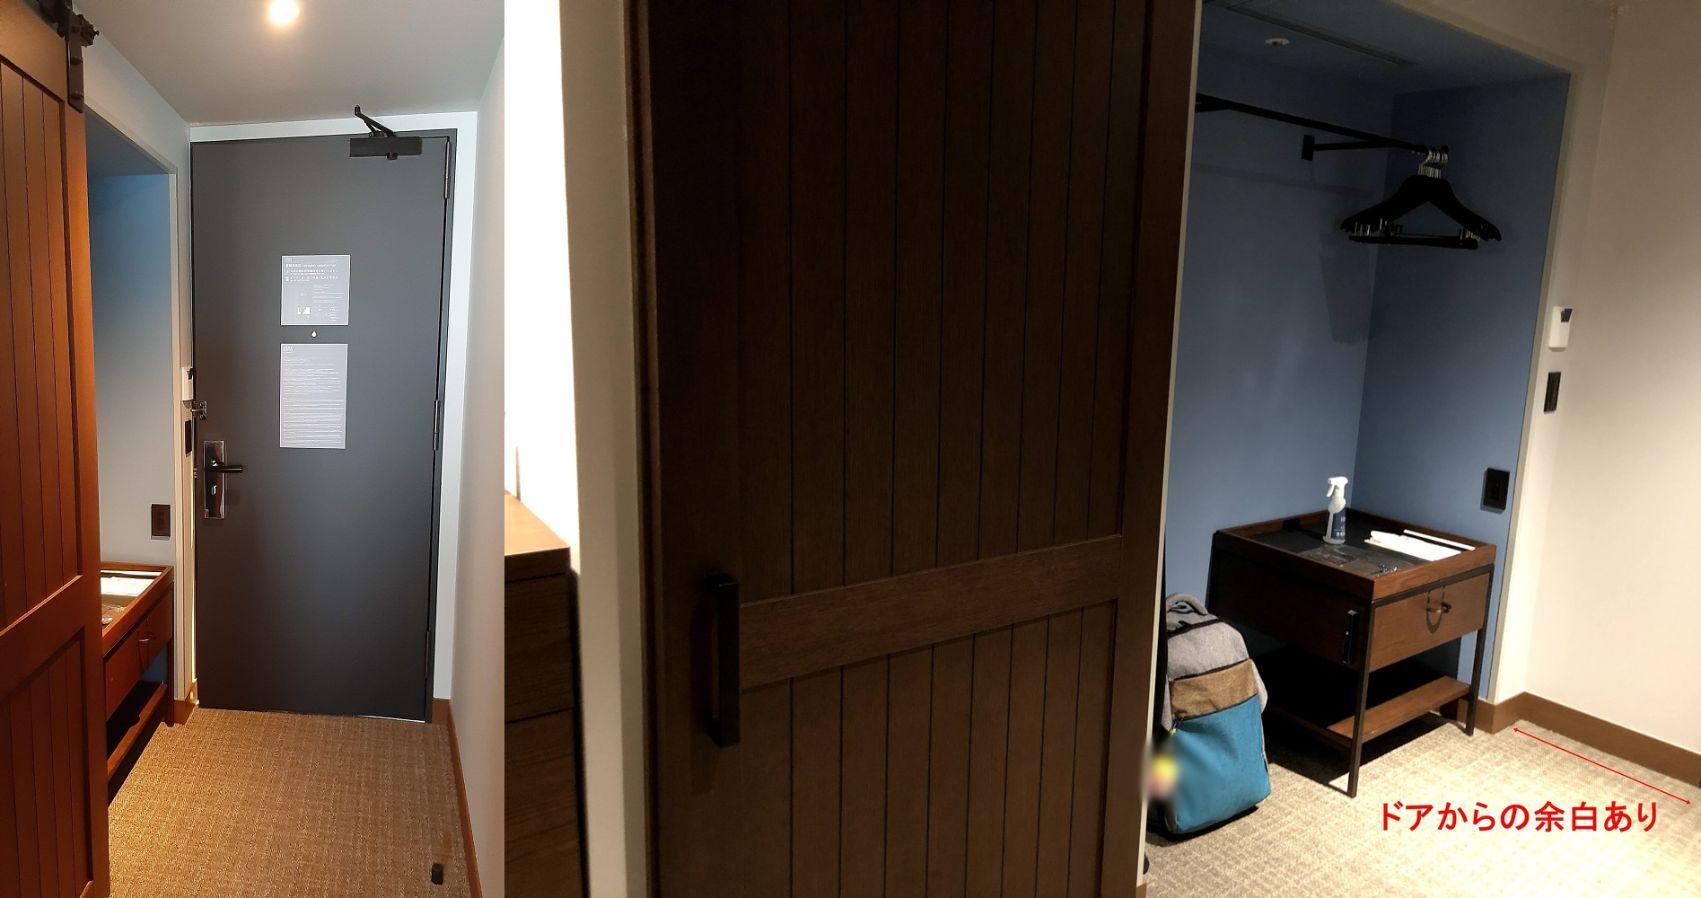 スタンダードとプレミアムの部屋の大きさ違い